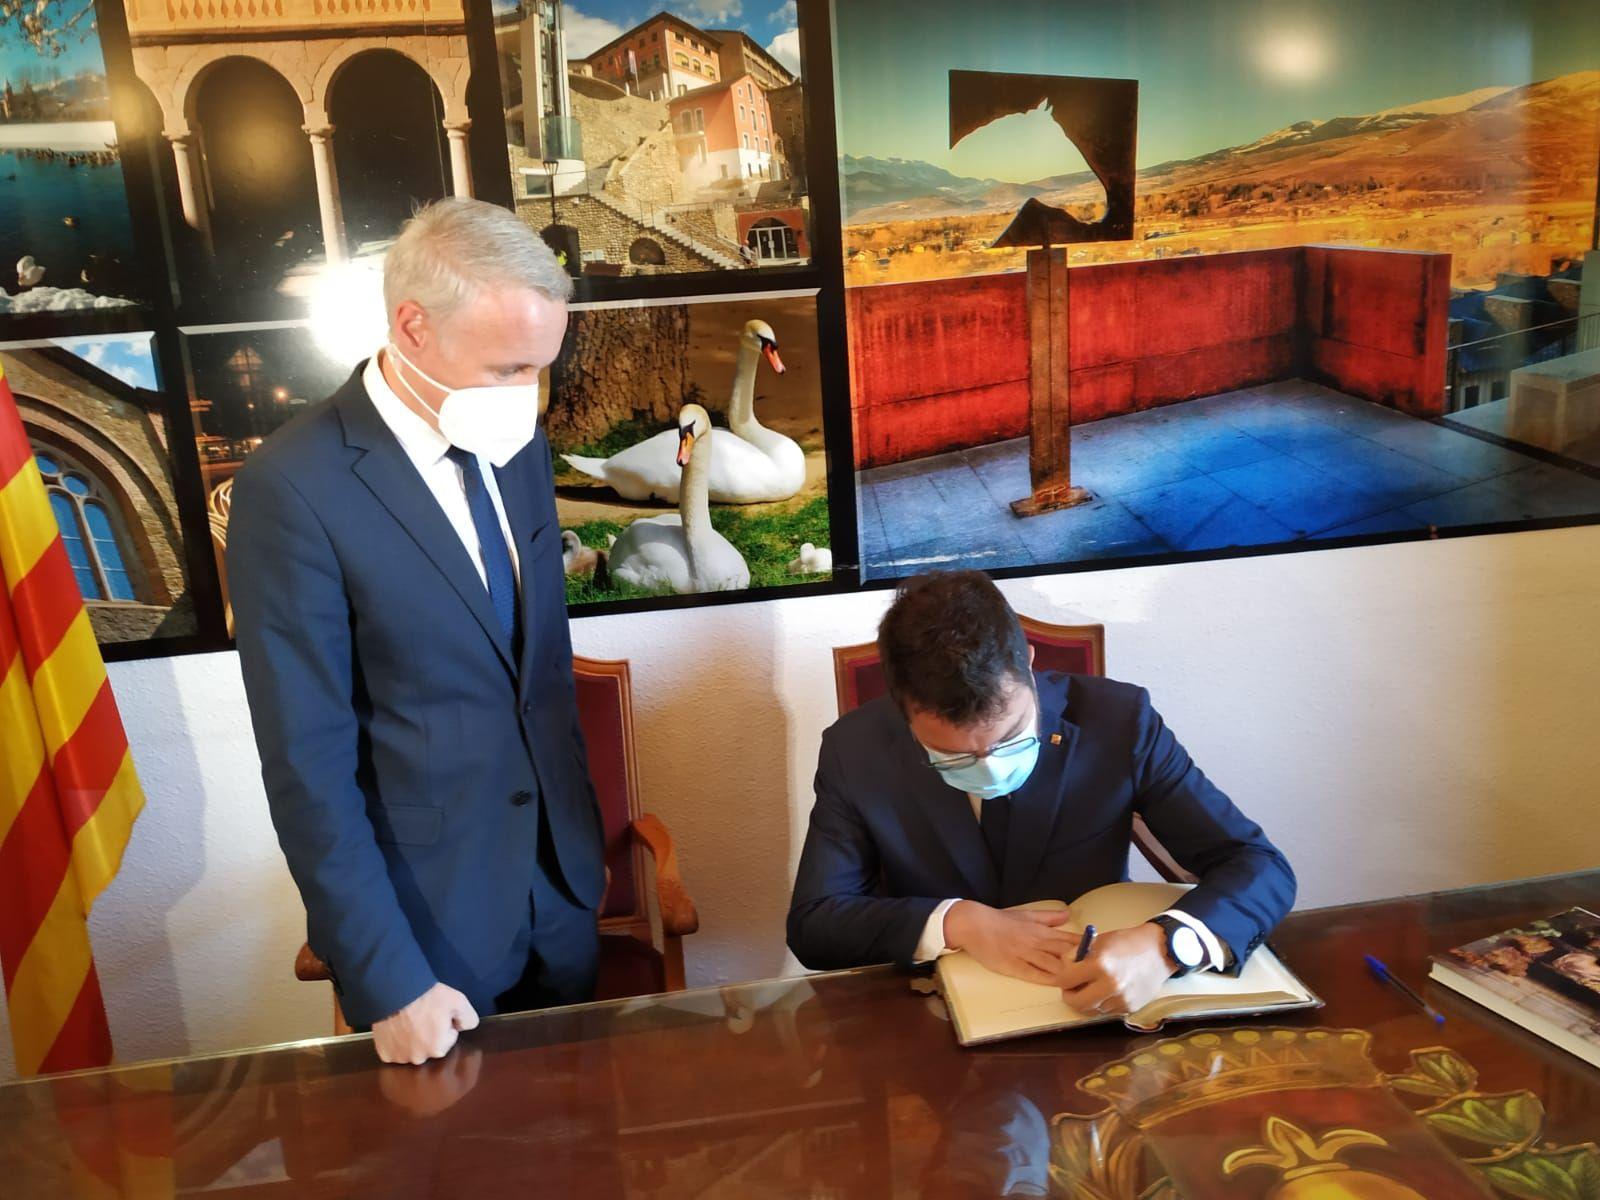 Pere Aragonès signa el llibre d'honor a Puigcerdà